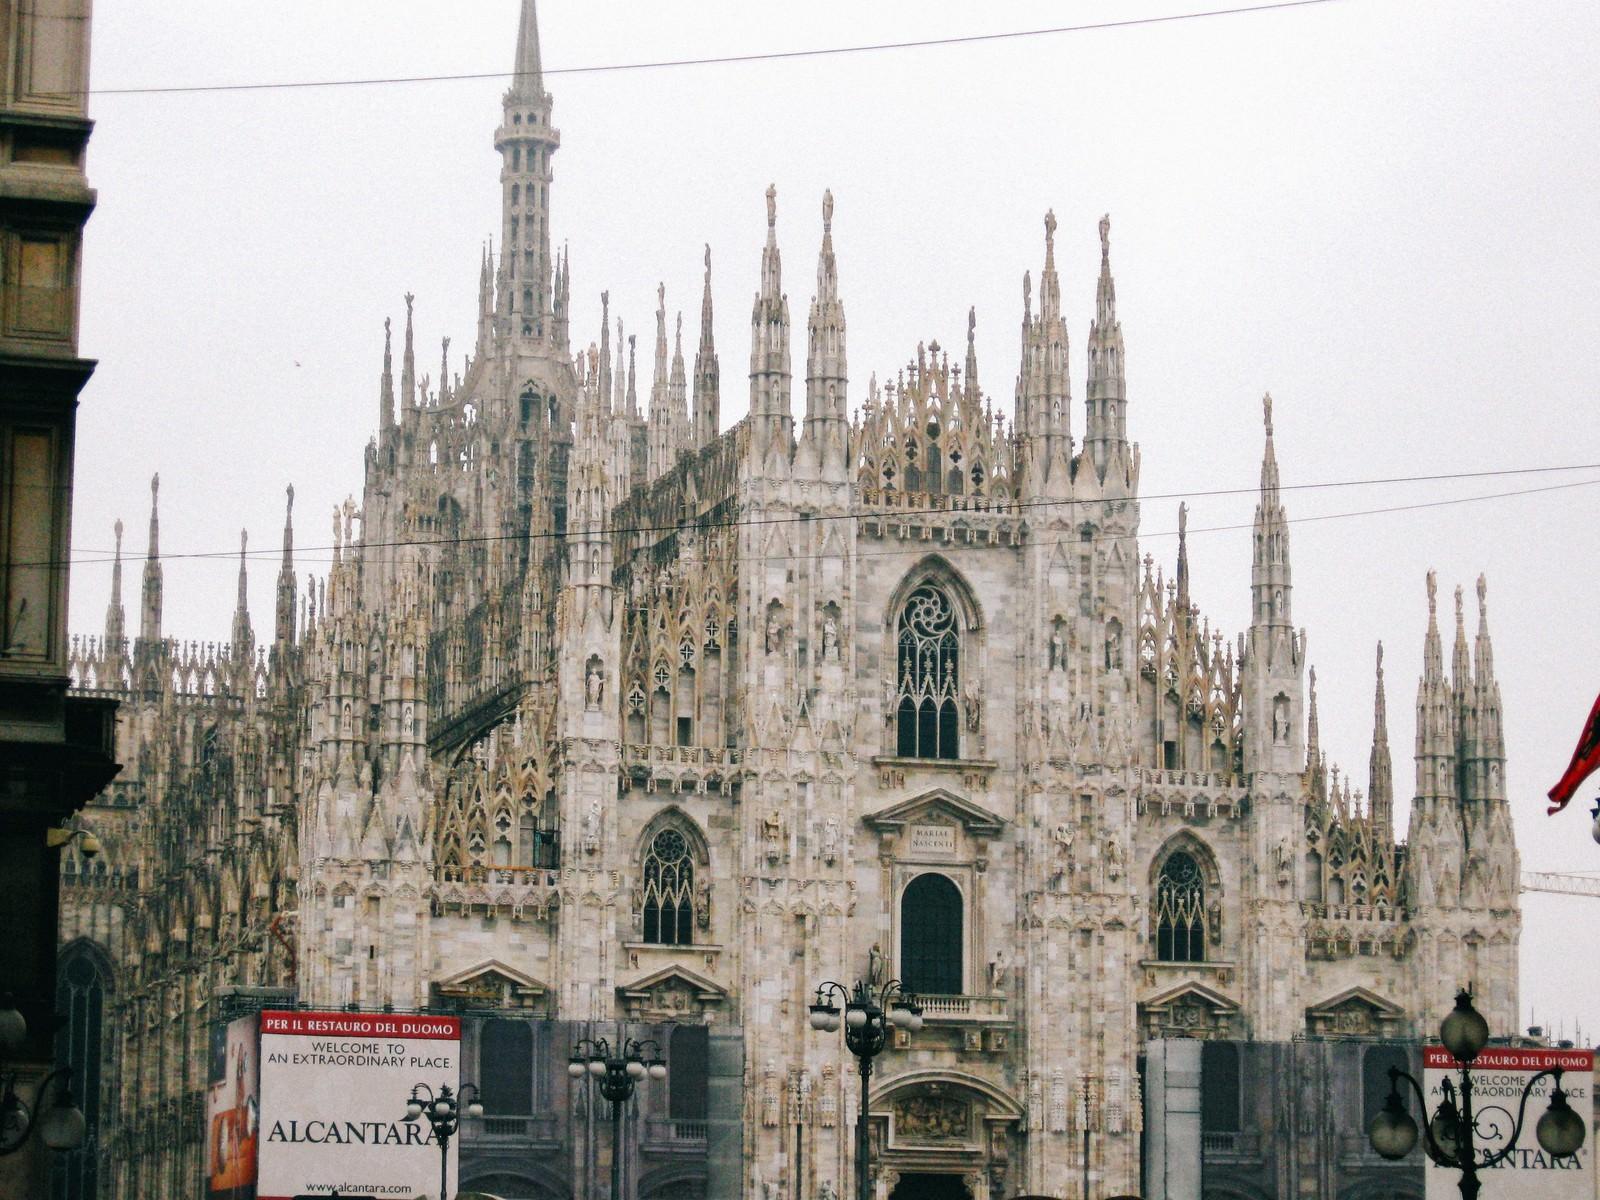 「ミラノの大聖堂ドゥオーモ(サンタ マリア ナシェンテ教会)」の写真